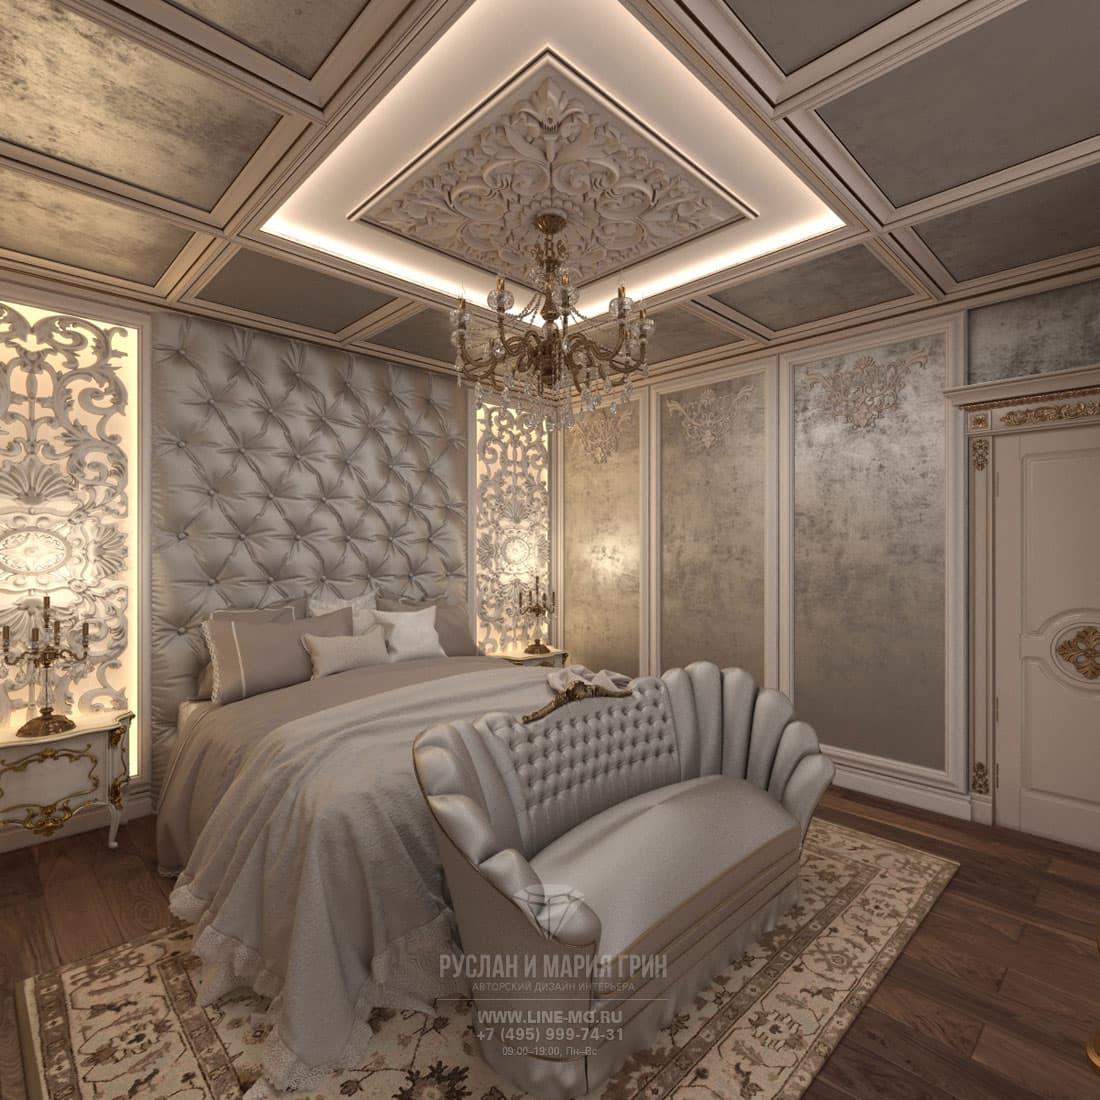 Оттенки белого в дизайне интерьера спальни